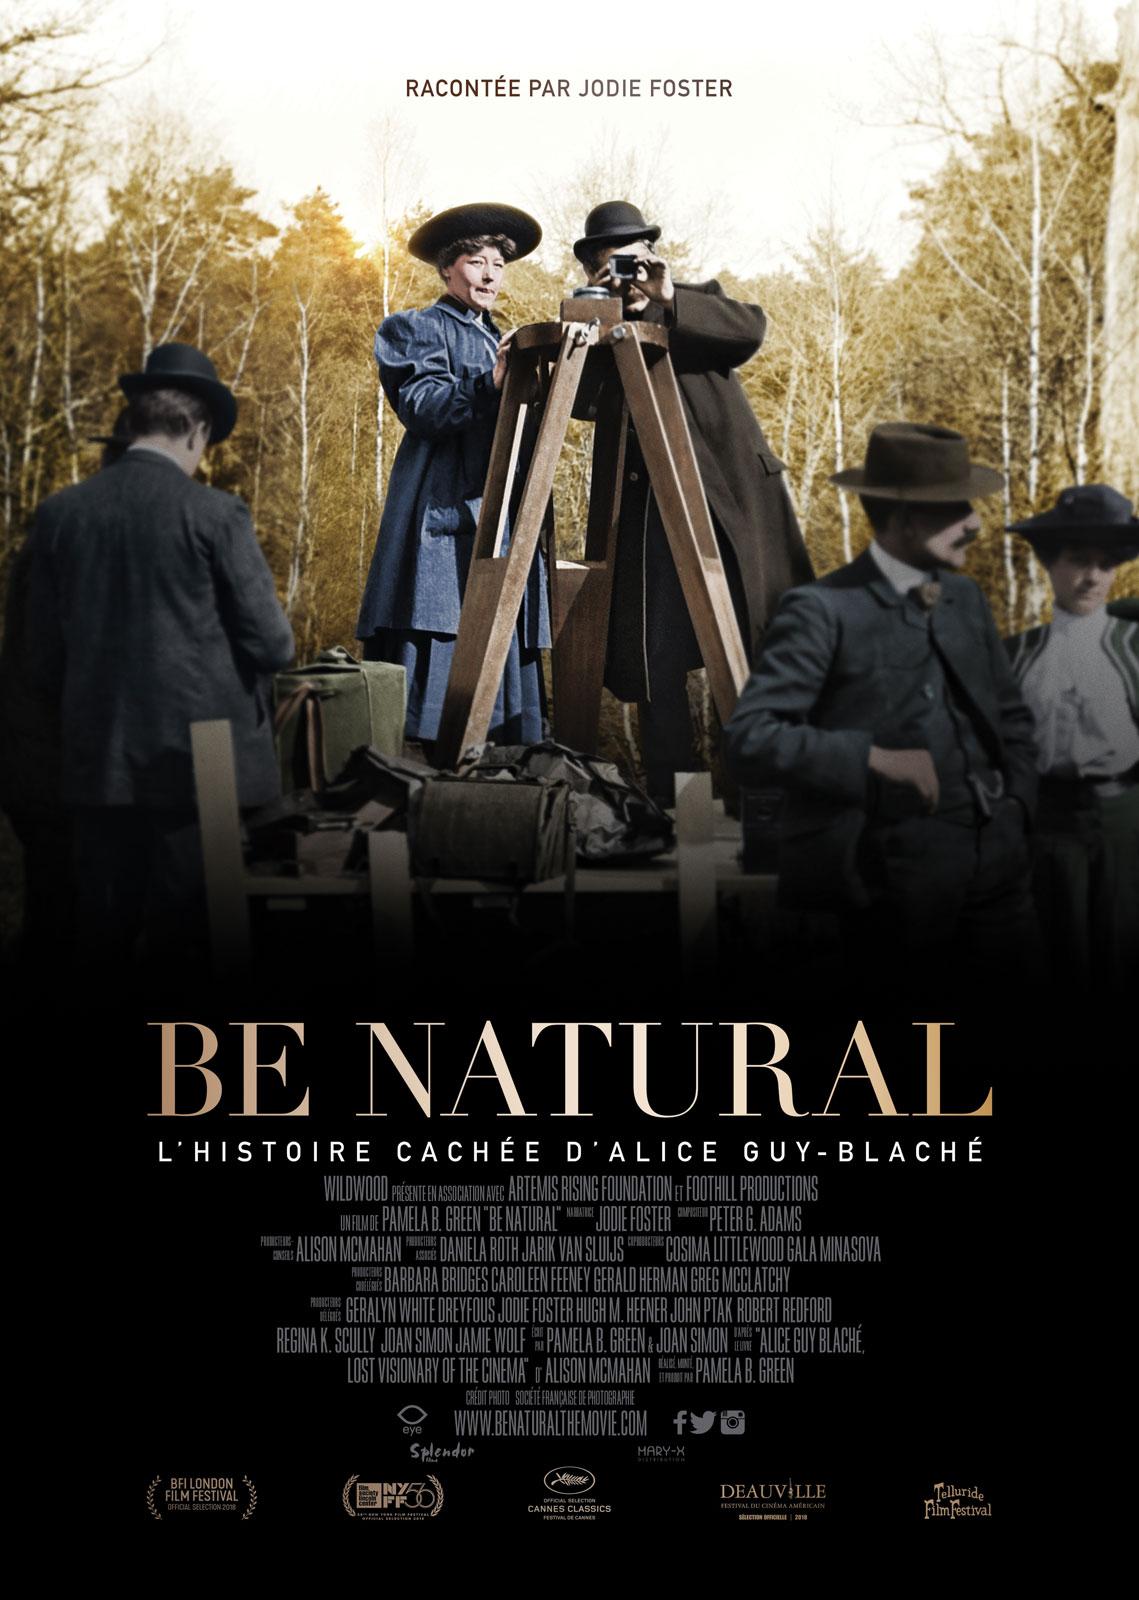 Image du film Be natural, l'histoire cachée d'Alice Guy-Blaché